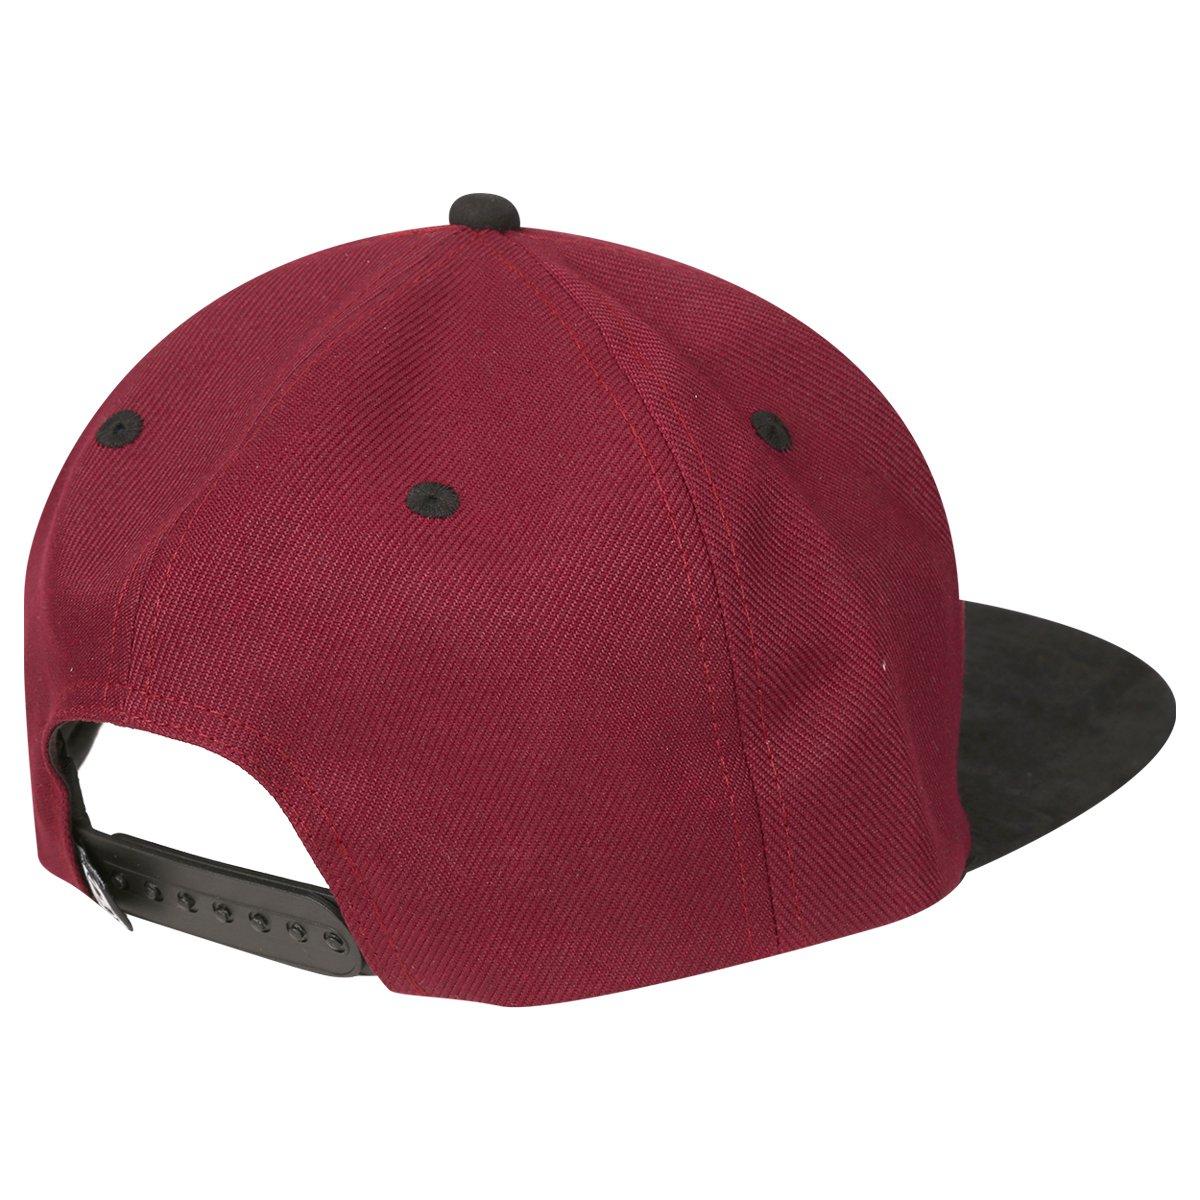 Boné New Skate Snap Diagonal - Compre Agora  4dca231668b